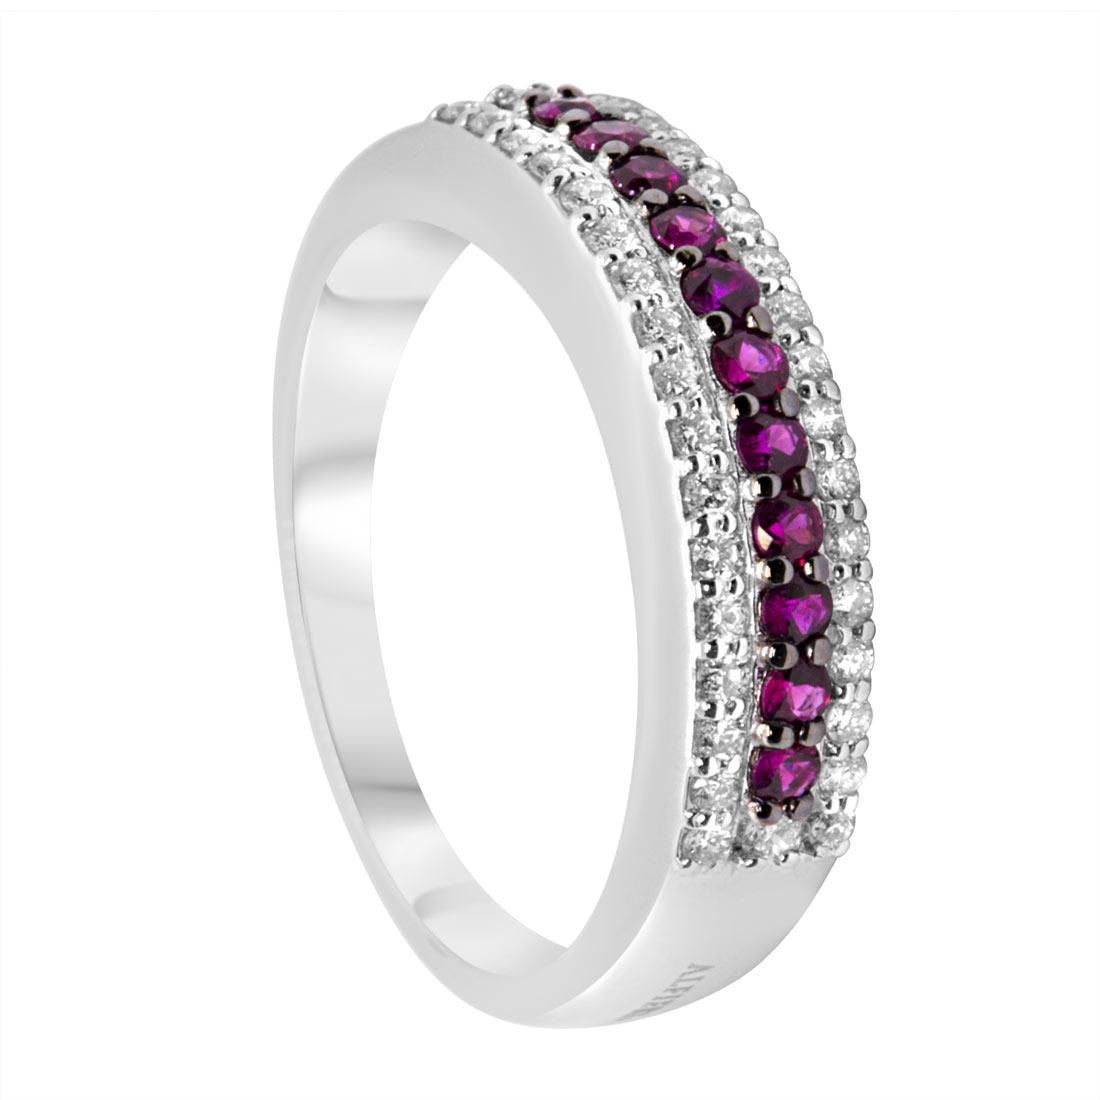 qualità superiore fef86 d86f0 Anello veretta con diamanti e rubini mis 13